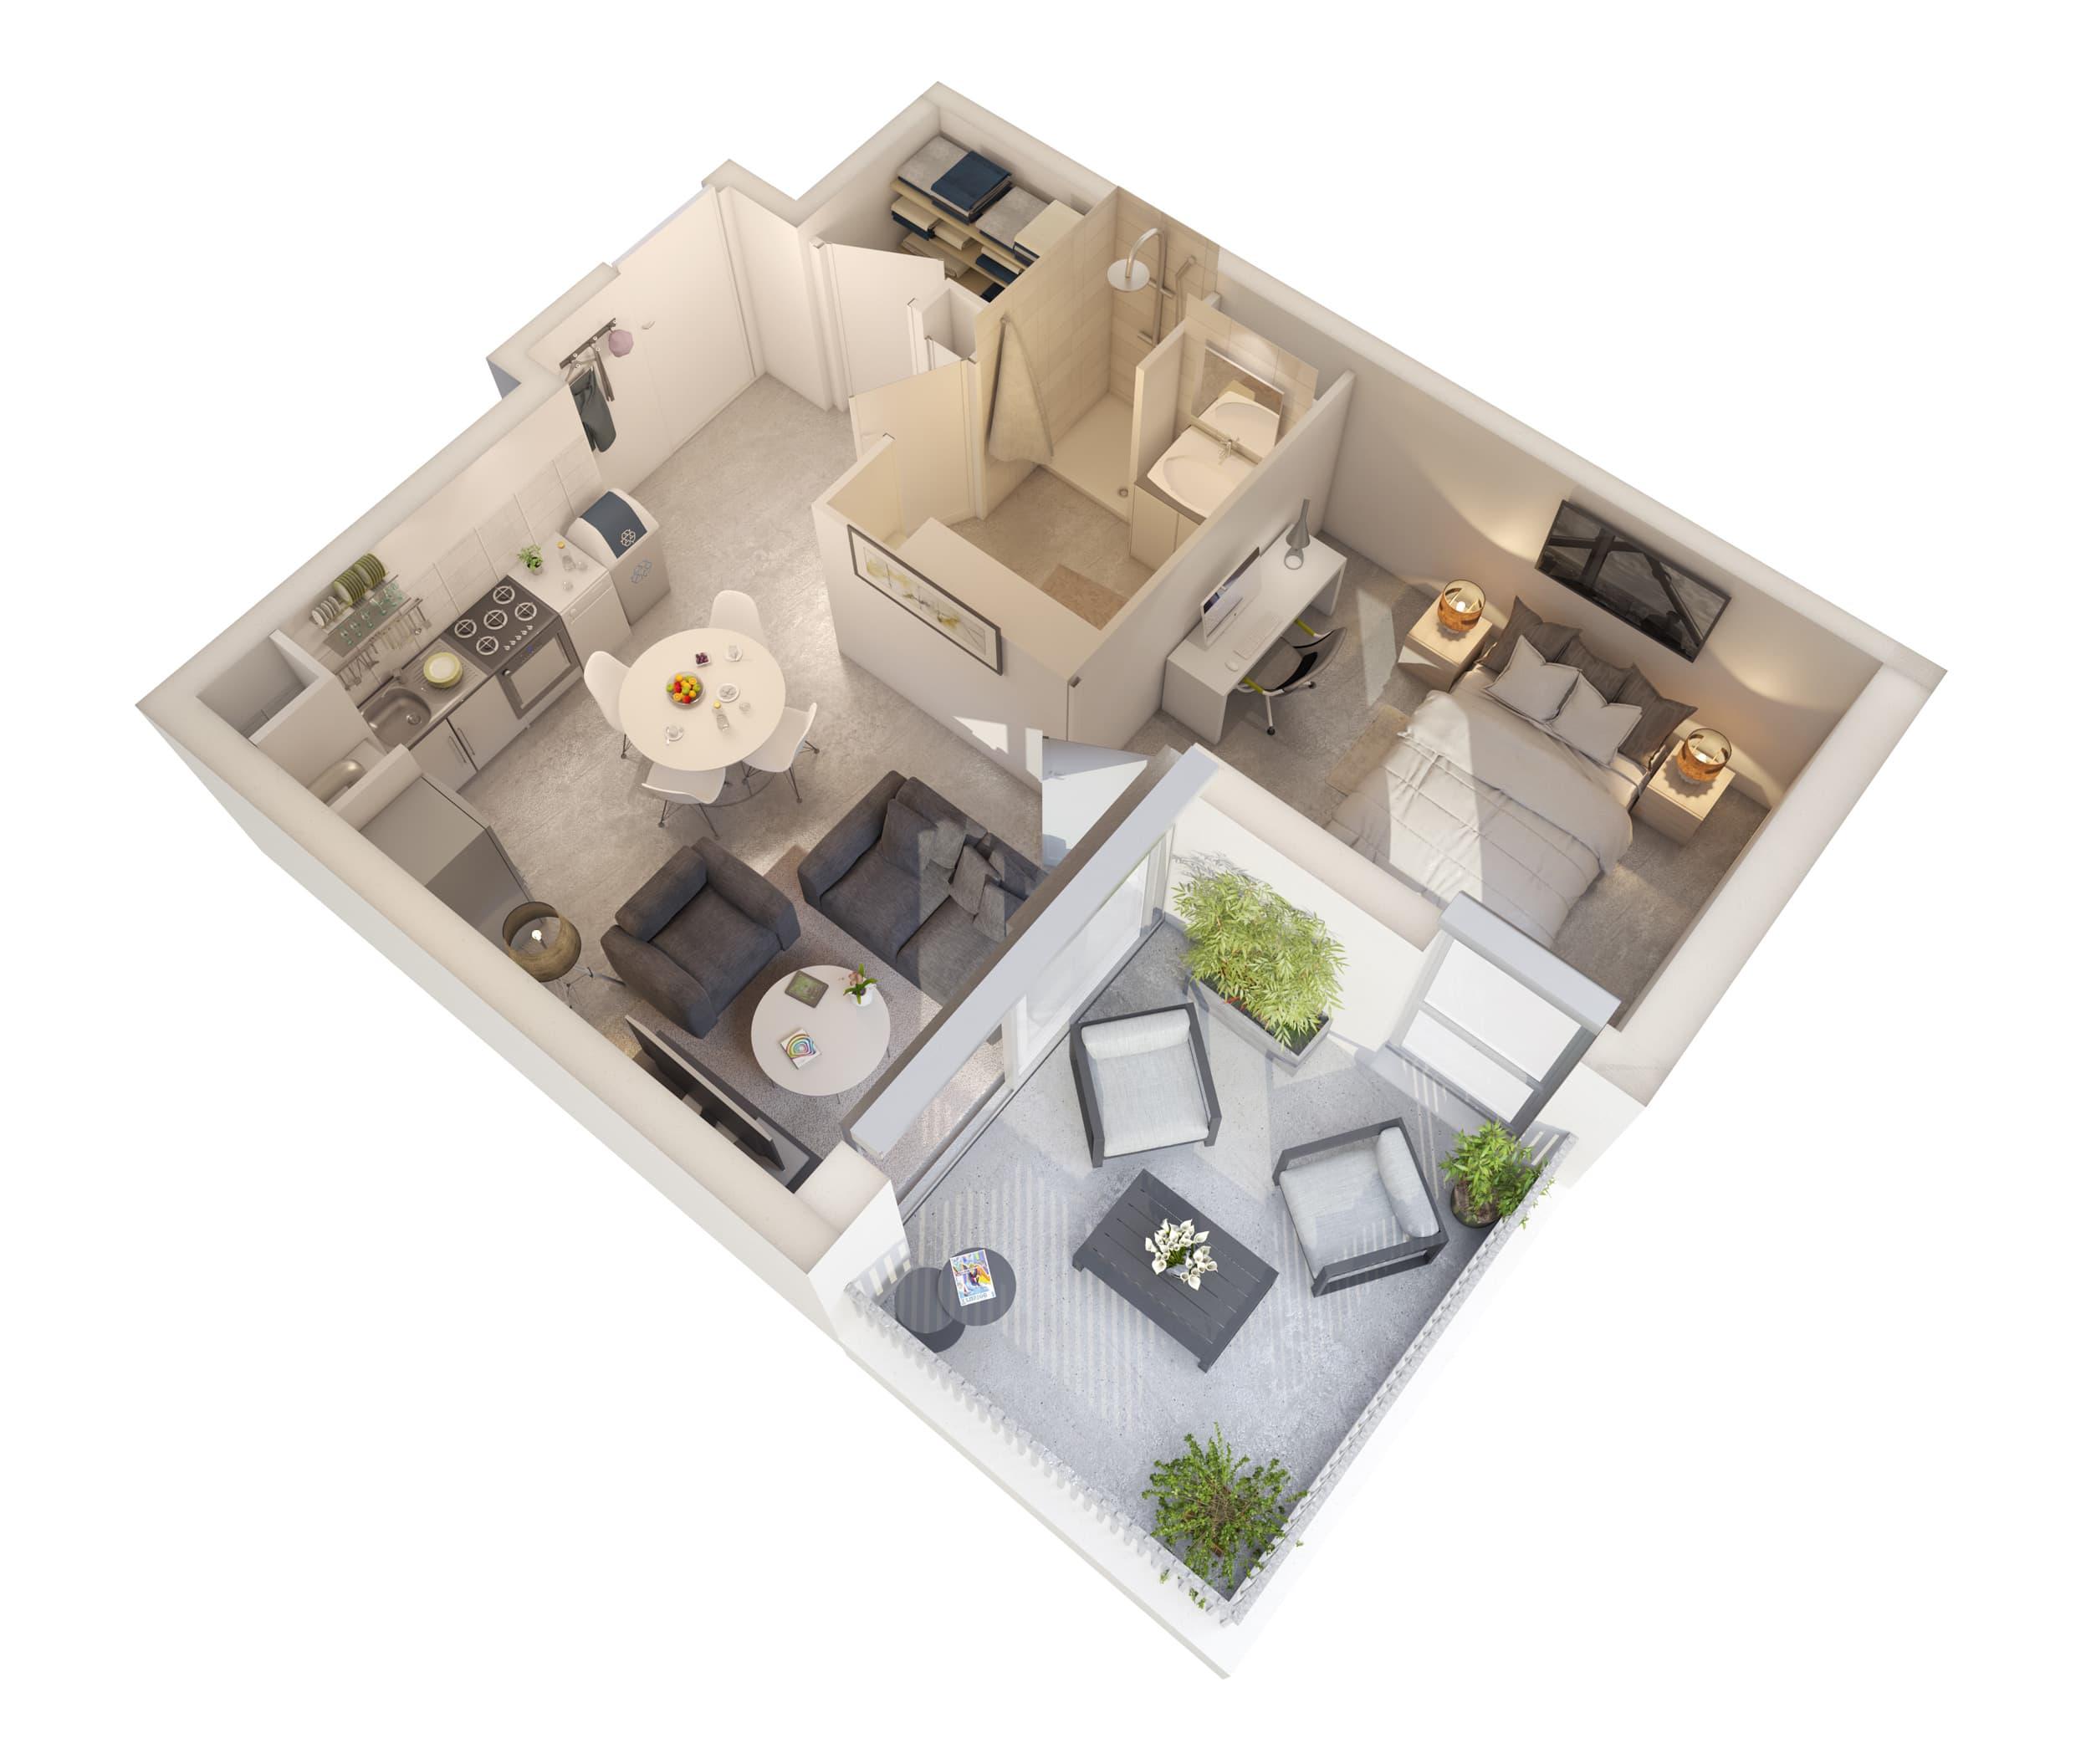 Modélisation d'intérieurs pour logements collectifs, aménagement intérieur type T2